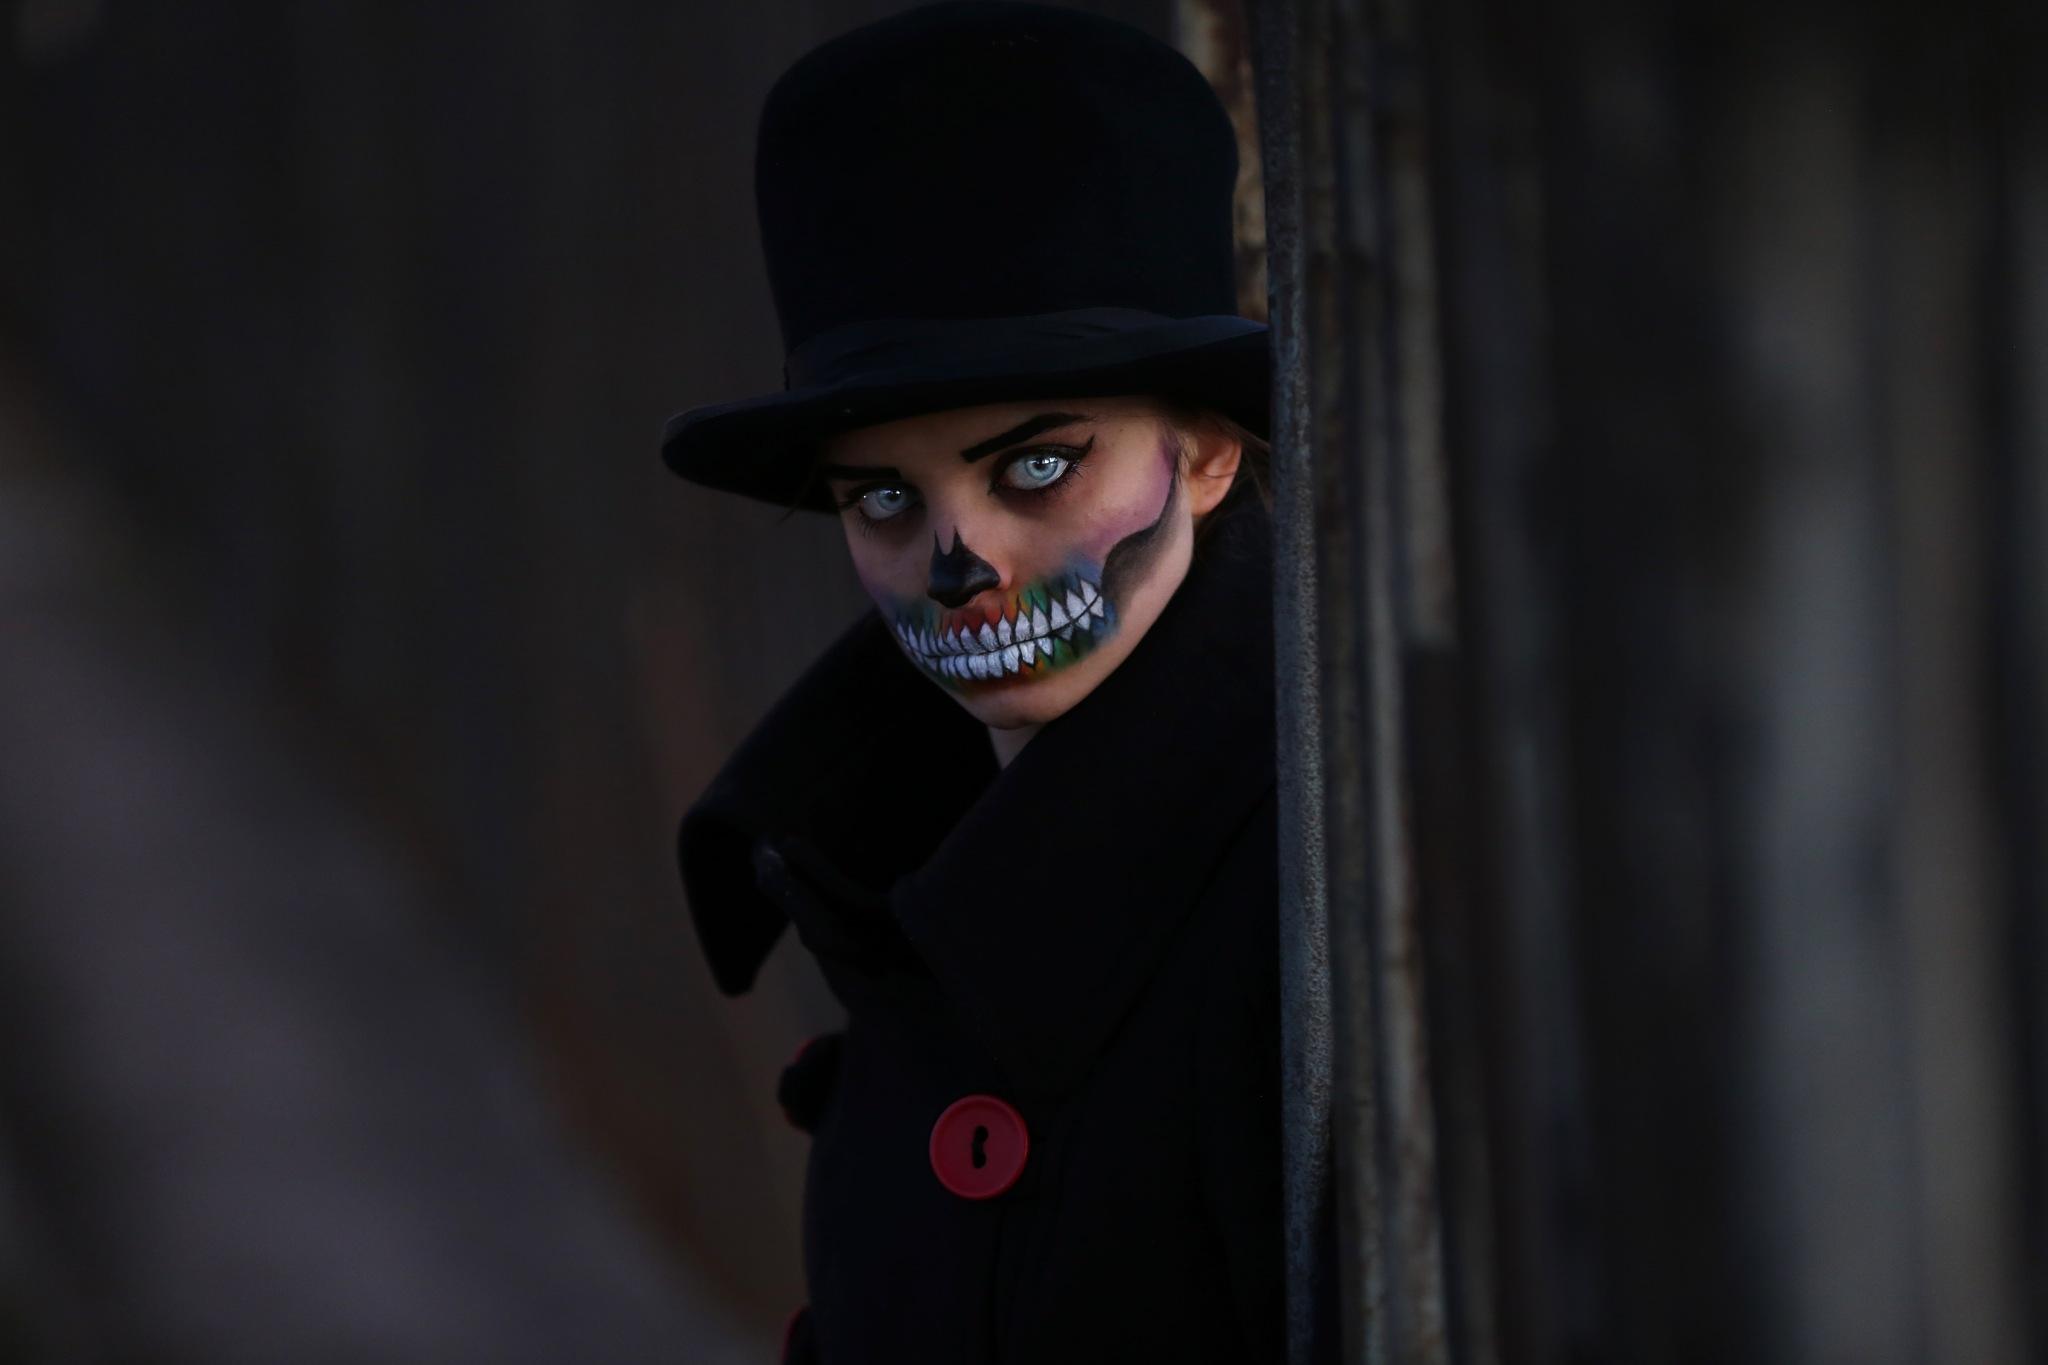 Halloween by Dorota Dlugosz